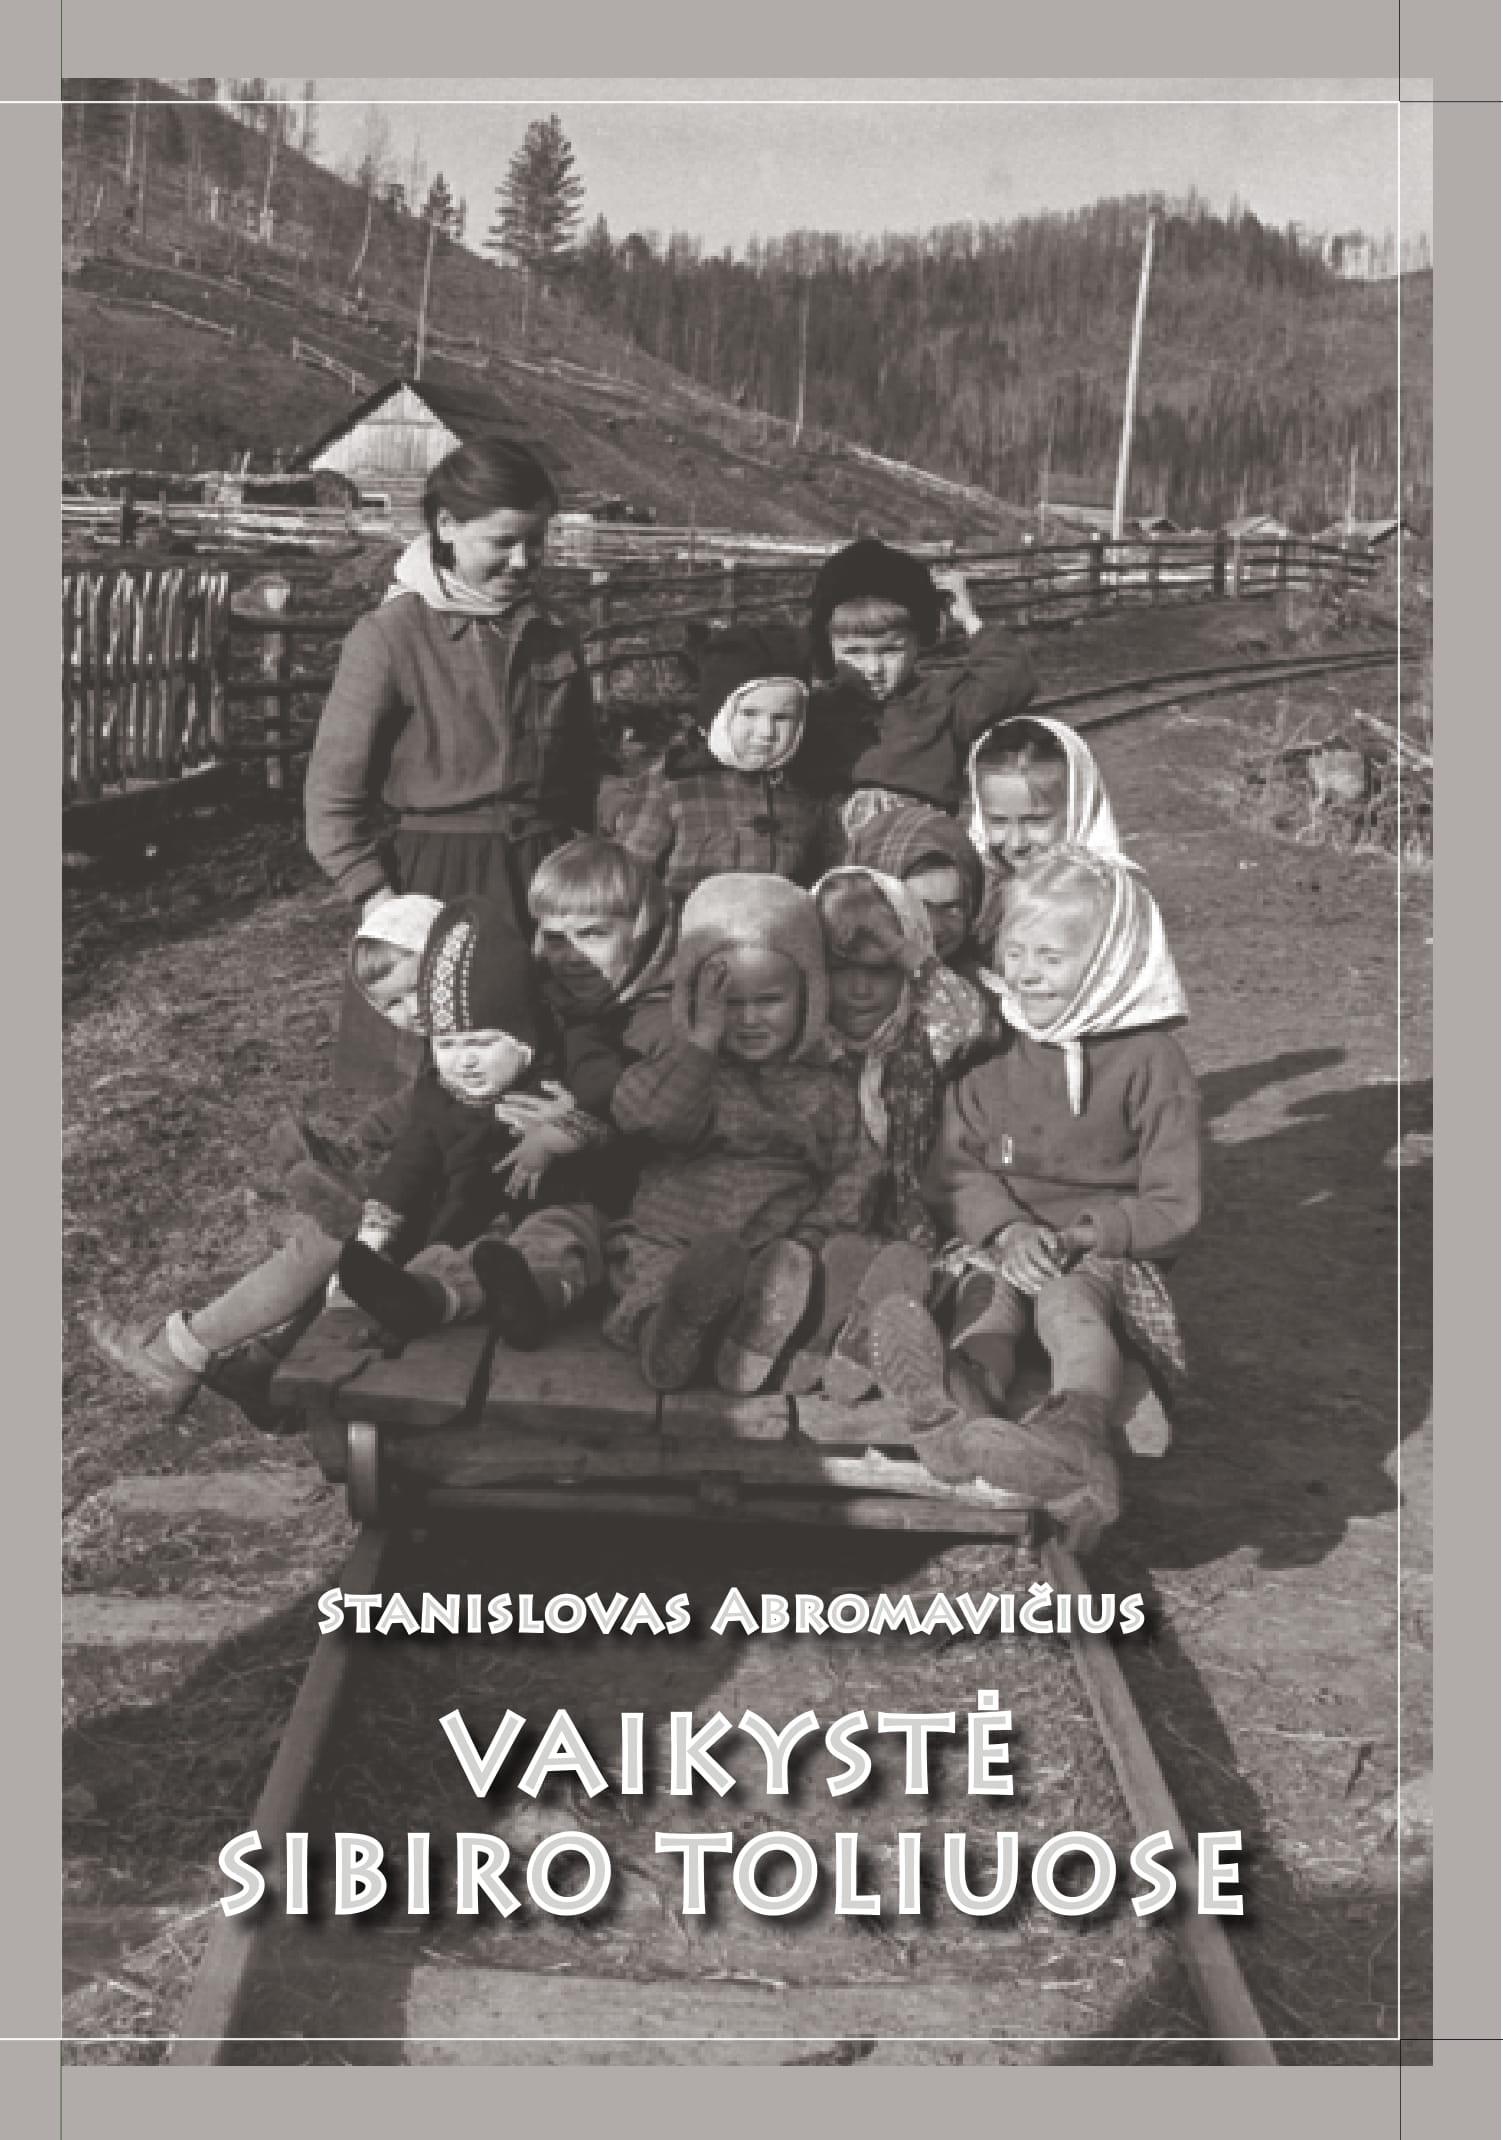 """Stanislovas Abromavičius. """"Vaikystė Sibiro toliuose"""" (Kaunas: Lietuvos politinių kalinių ir tremtinių sąjunga, 2018)"""